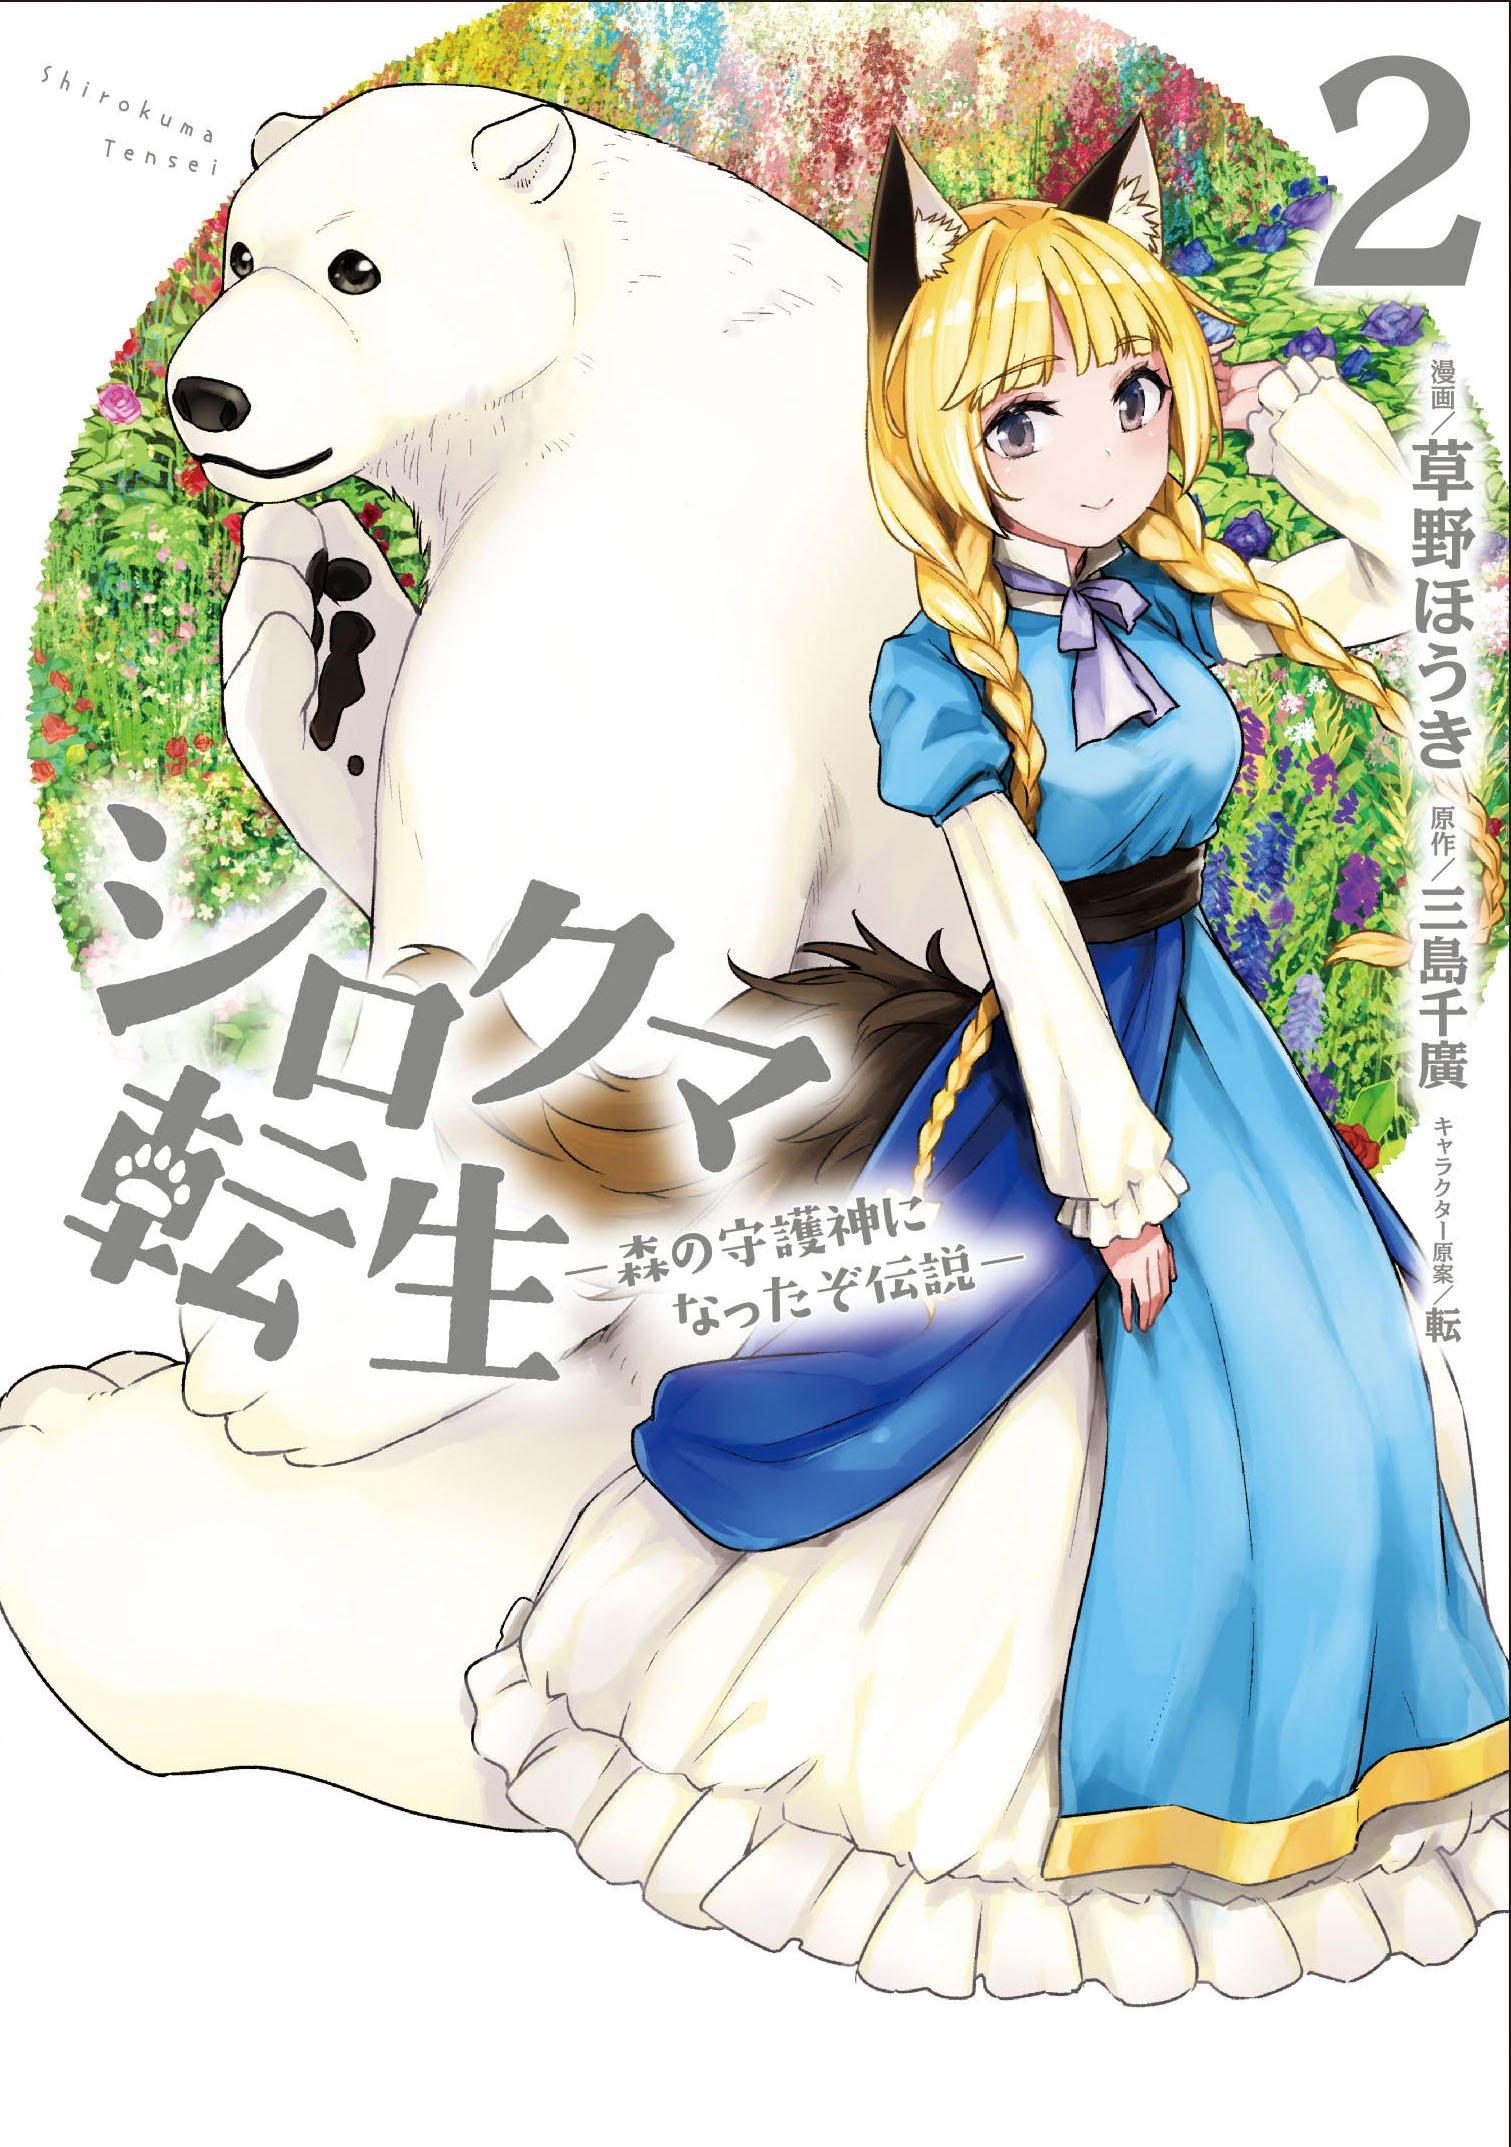 Shirokuma Tensei – Mori no Shugoshin ni Natta zo Densetsu